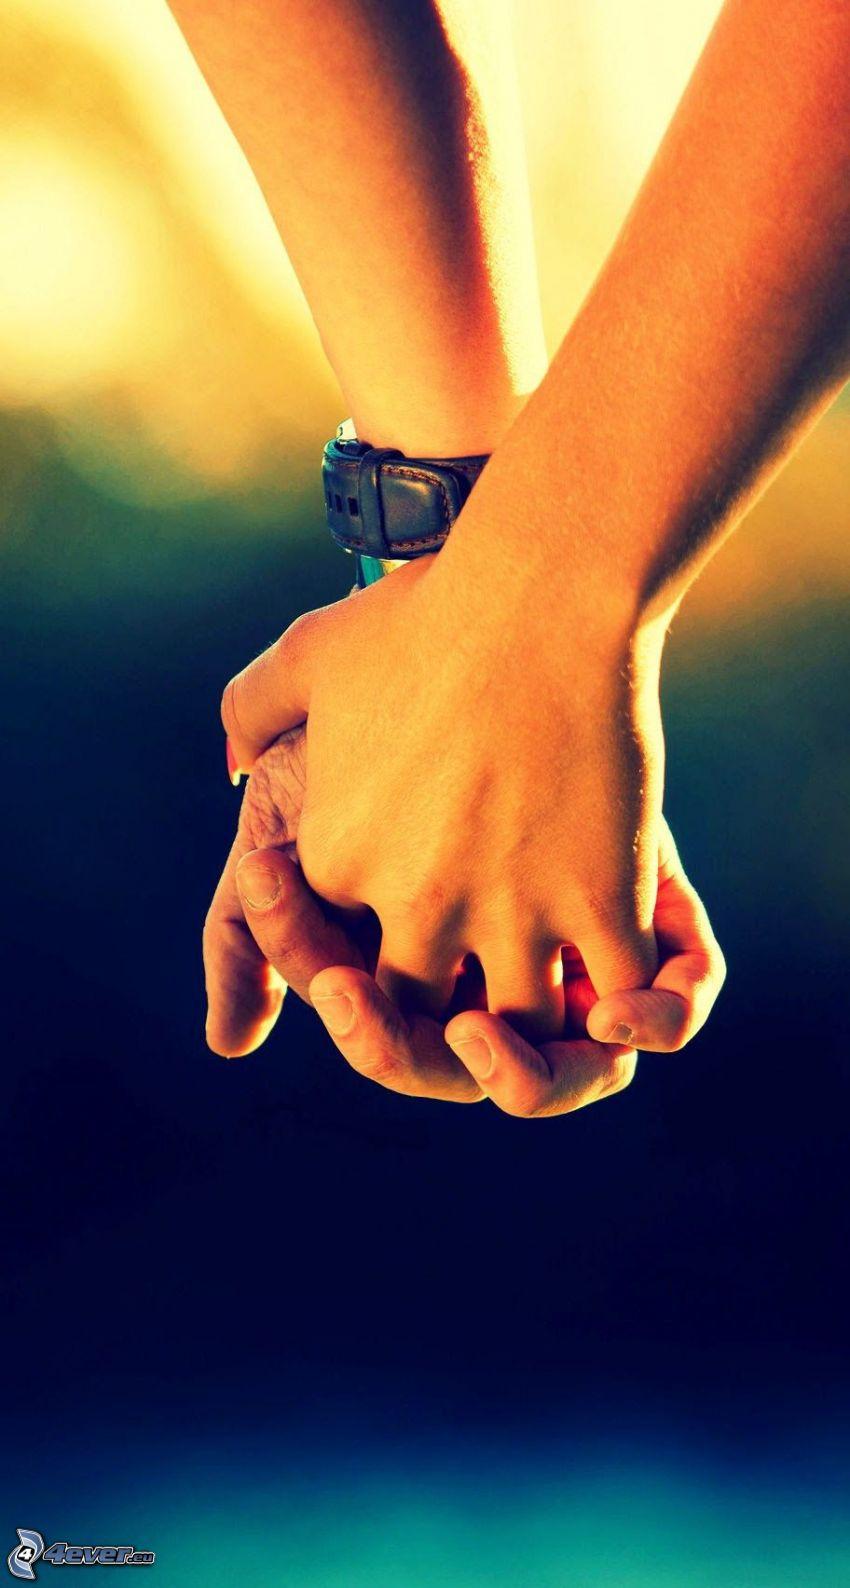 halten sich die Hände, Armbanduhr